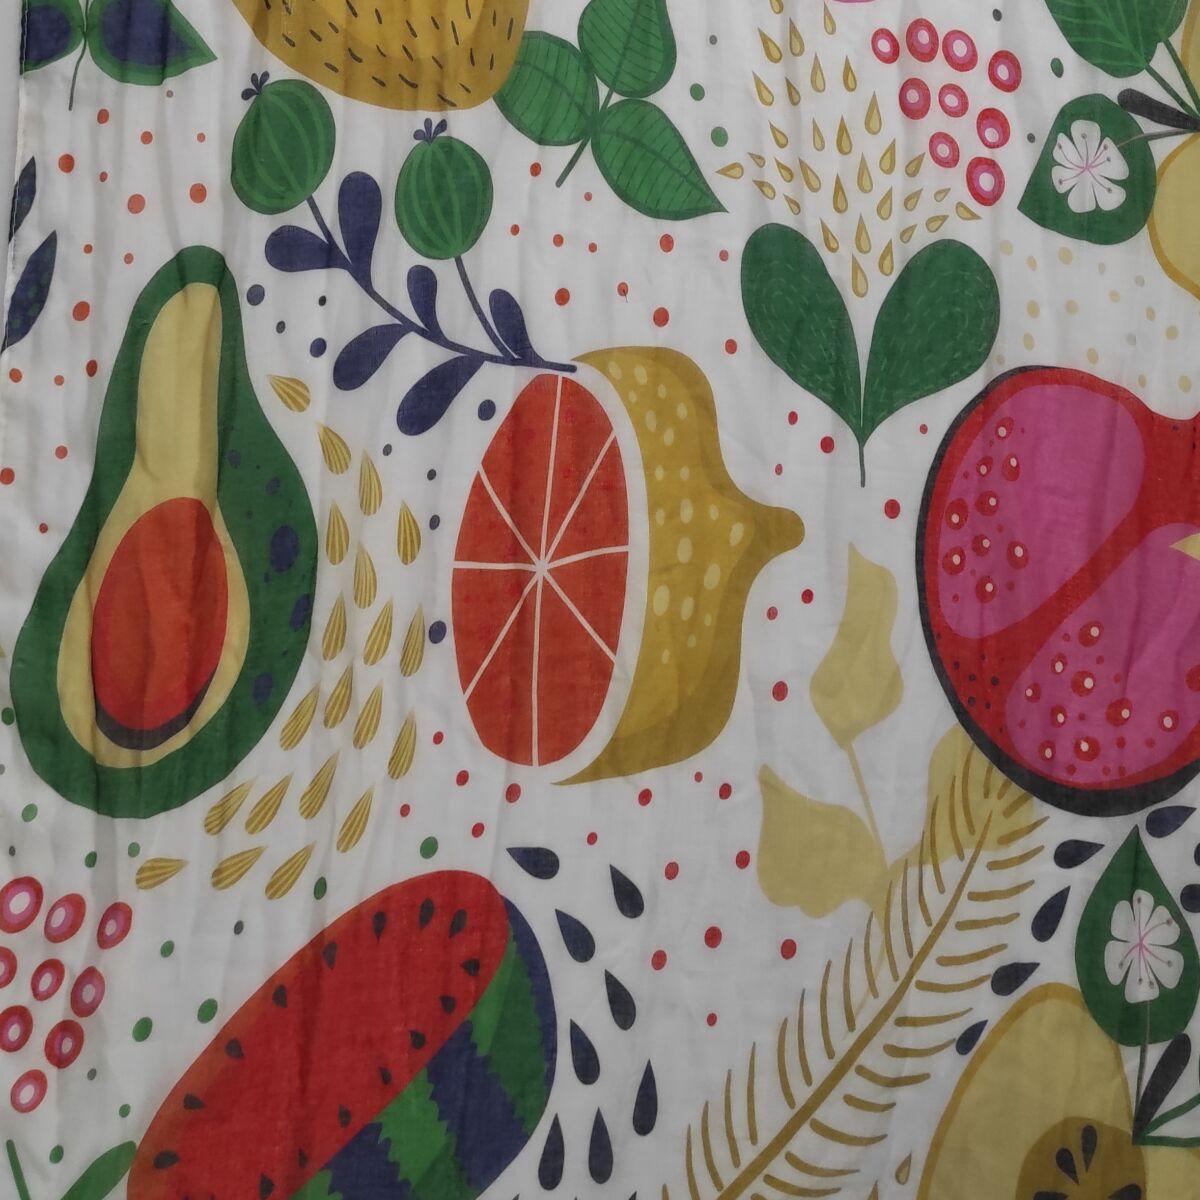 Φουλάρι Verde (03-1959) Αξεσουάρ Ρούχα αξεσουάρ 2